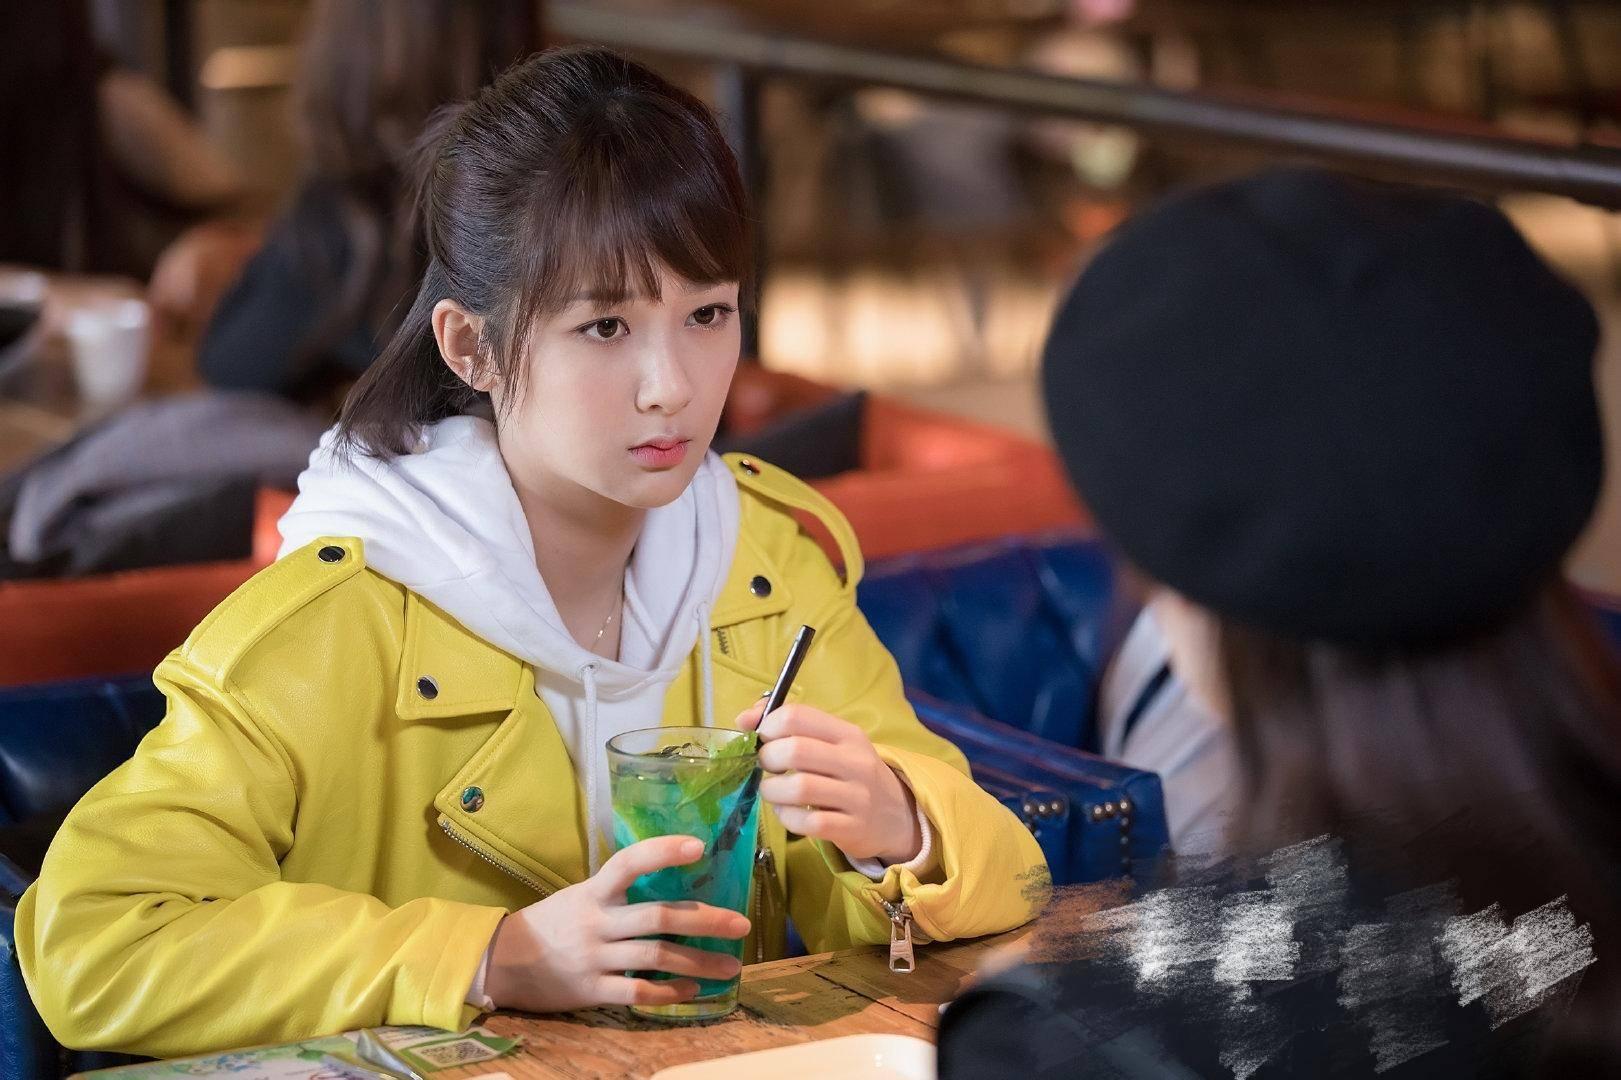 """杨紫李现9年同学们变""""恋人"""",演译萝莉爱上酷男,互动交流很甜?"""